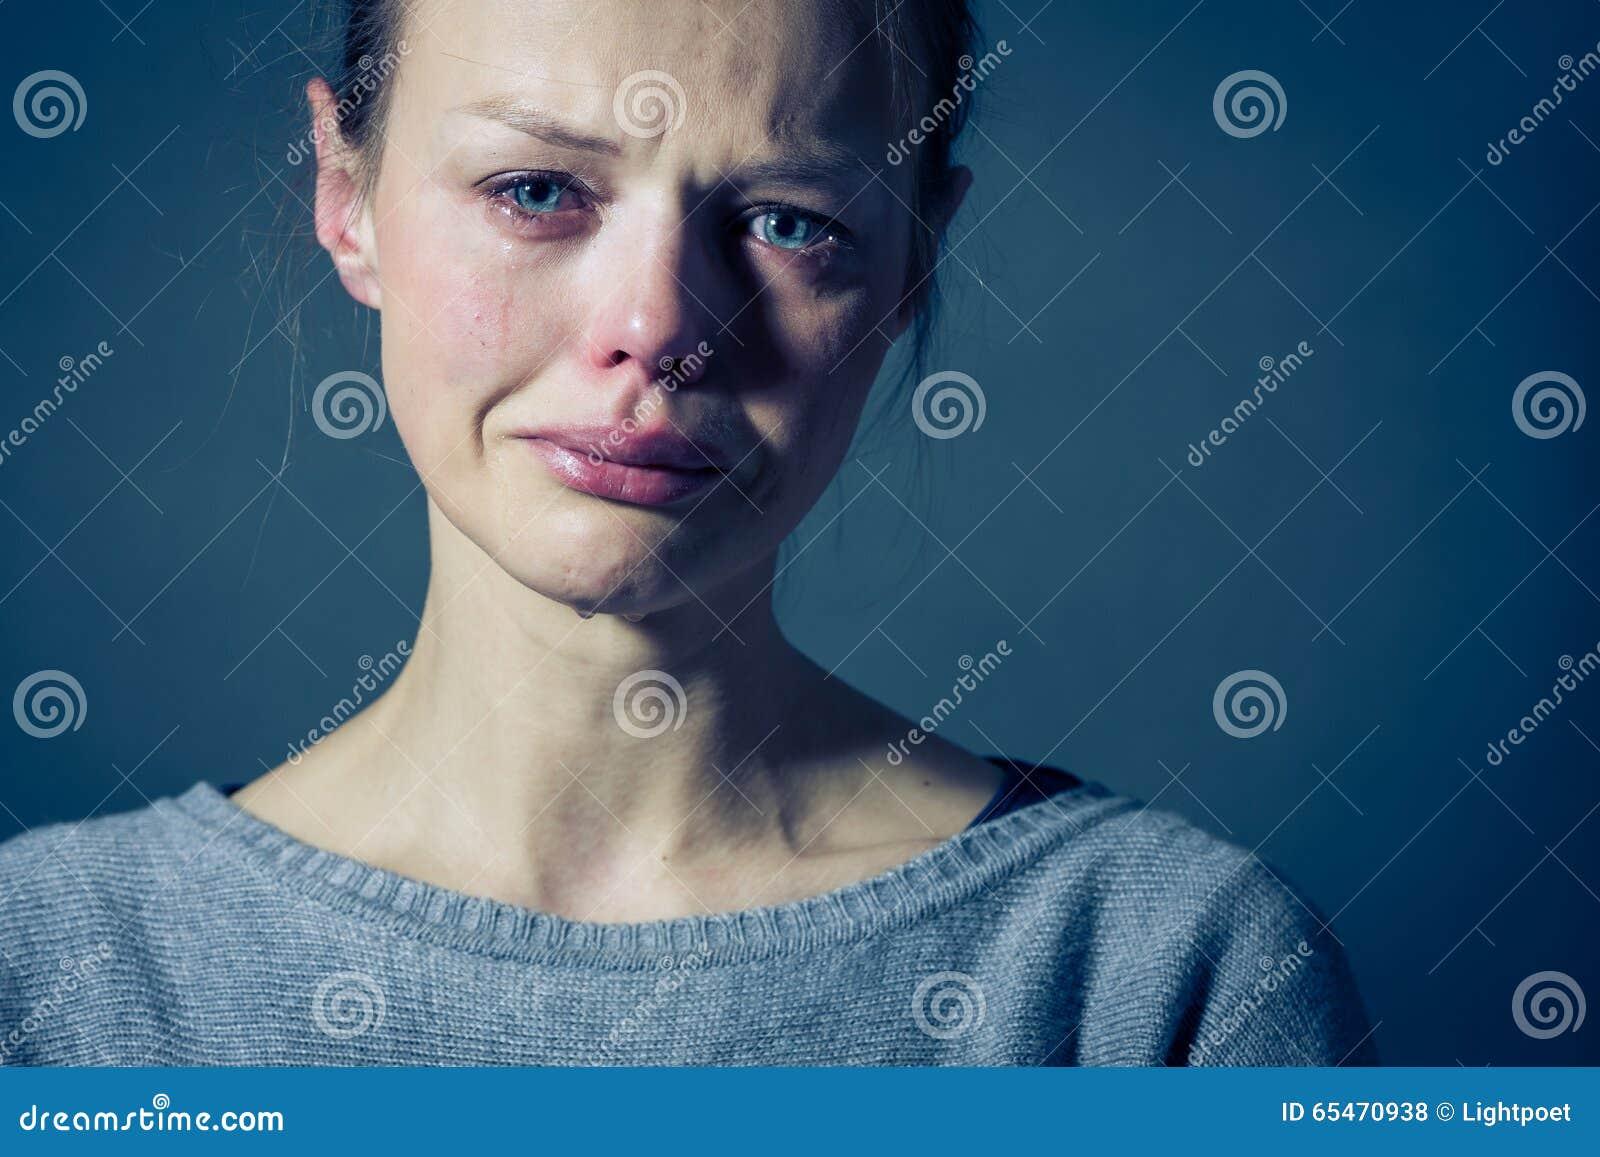 Młodej kobiety cierpienie od surowej depresji, niepokoju, smucenia/